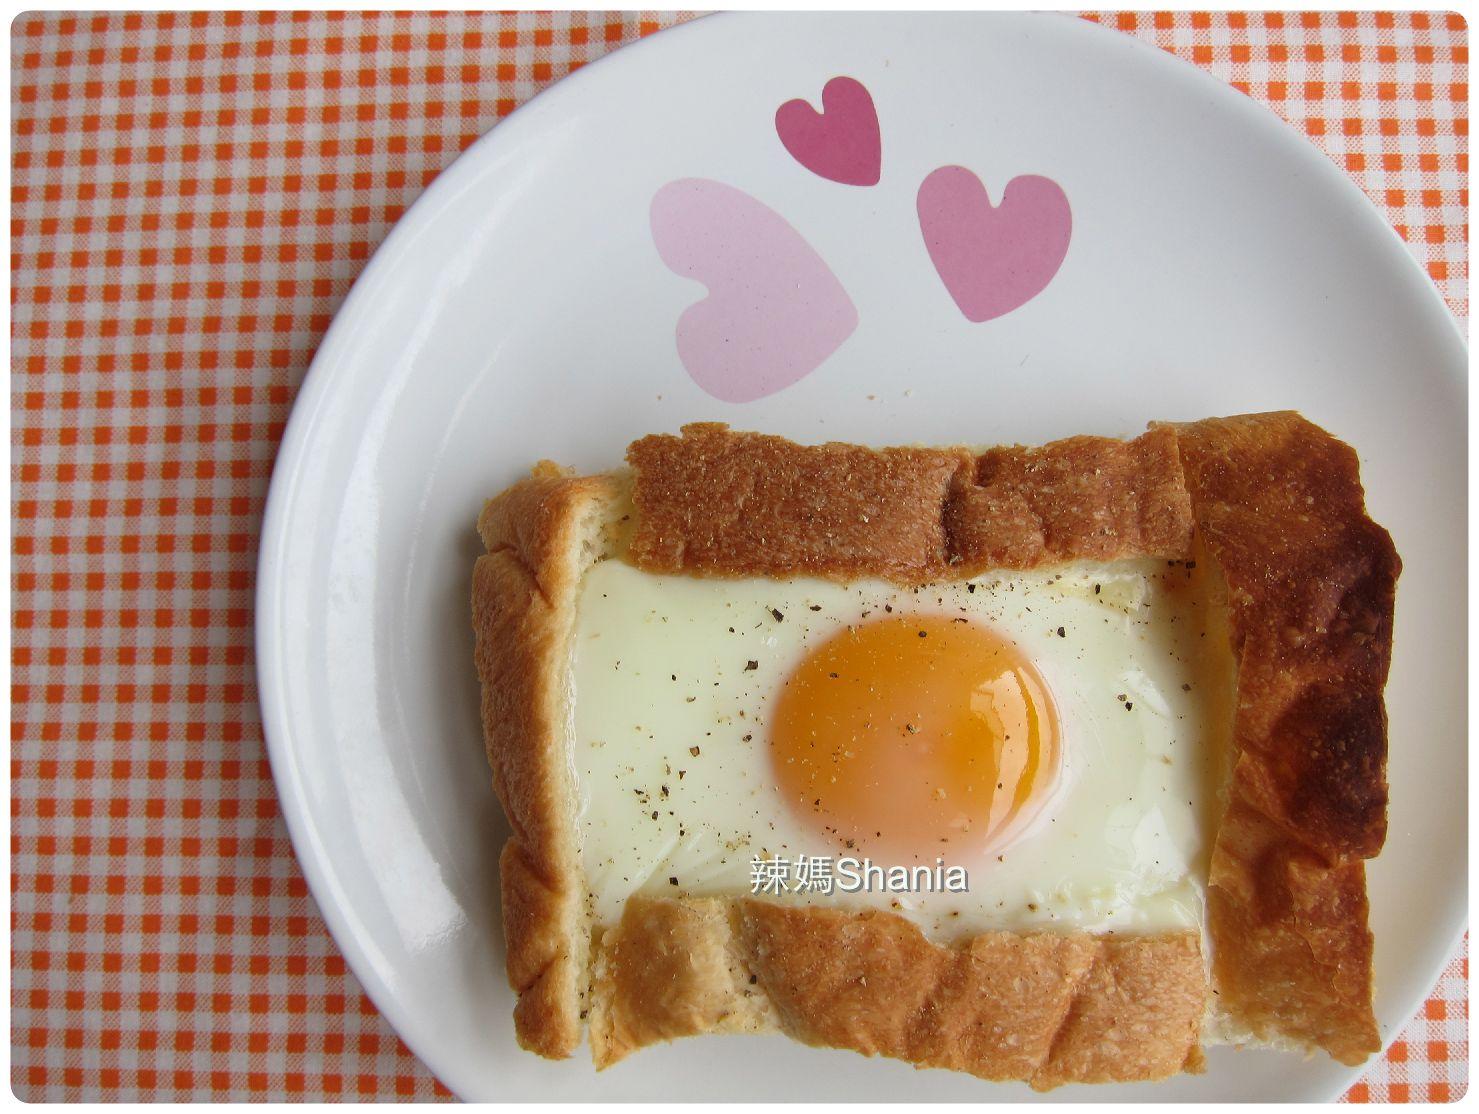 簡單, 低卡的早餐 -- 烤太陽嫩蛋土司